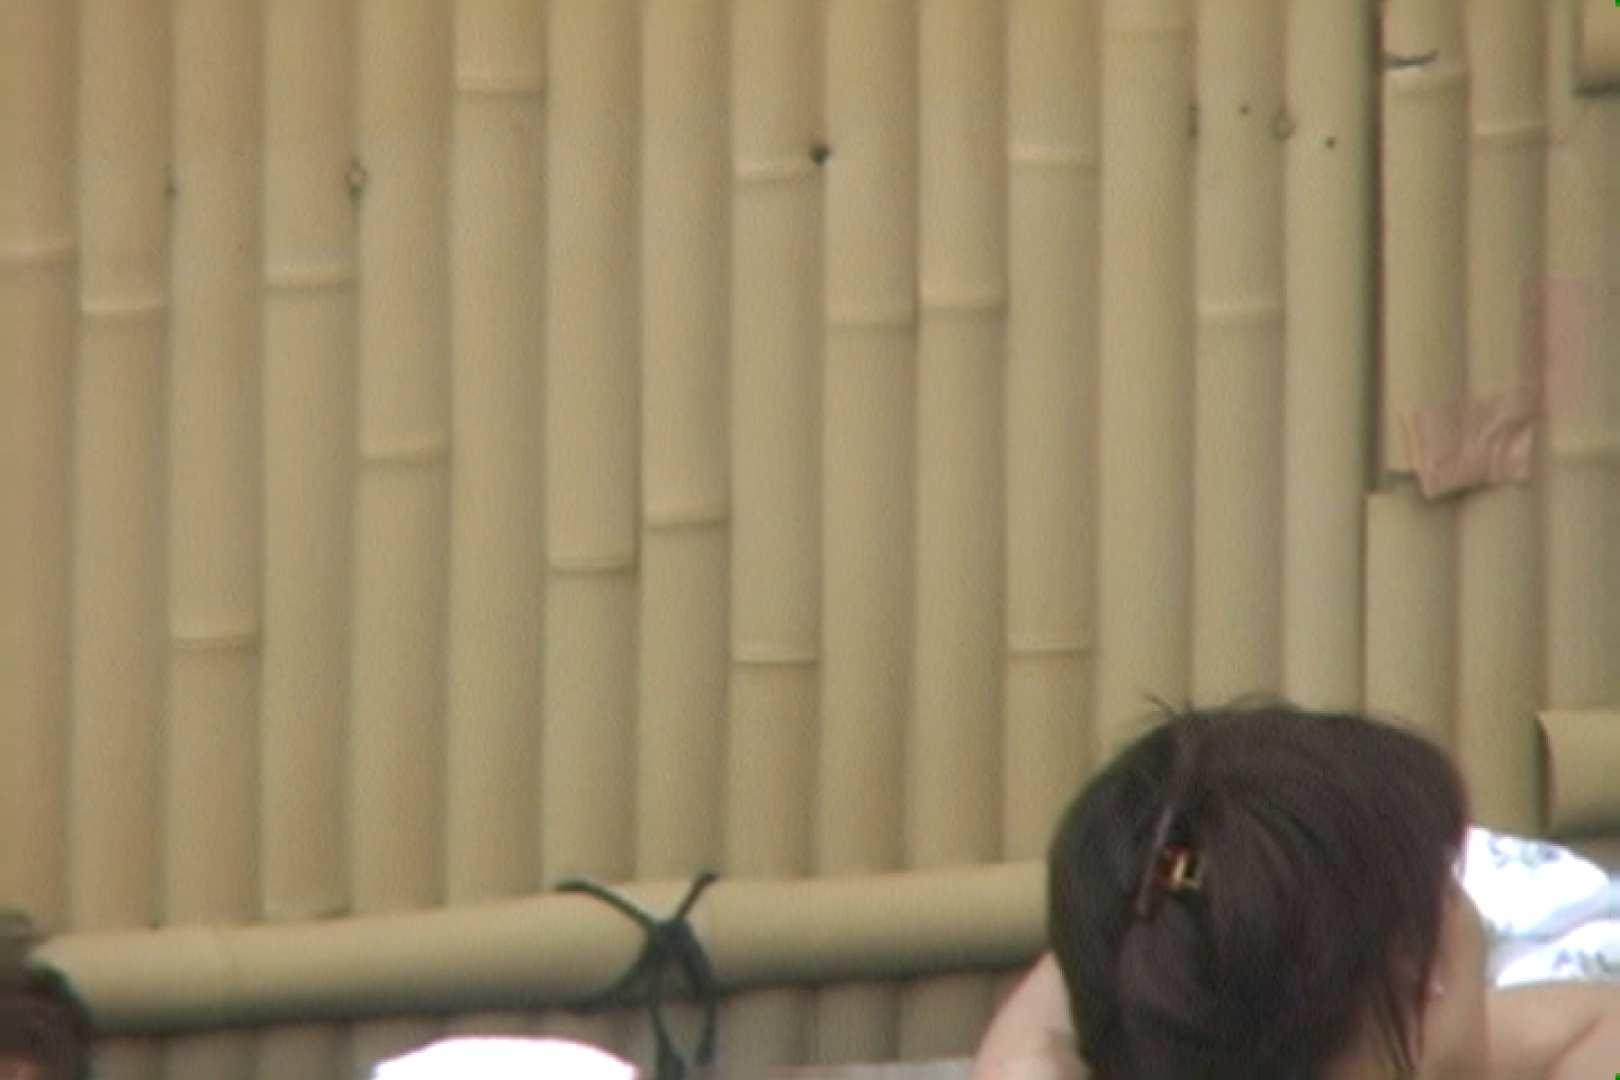 高画質露天女風呂観察 vol.003 高画質 すけべAV動画紹介 94枚